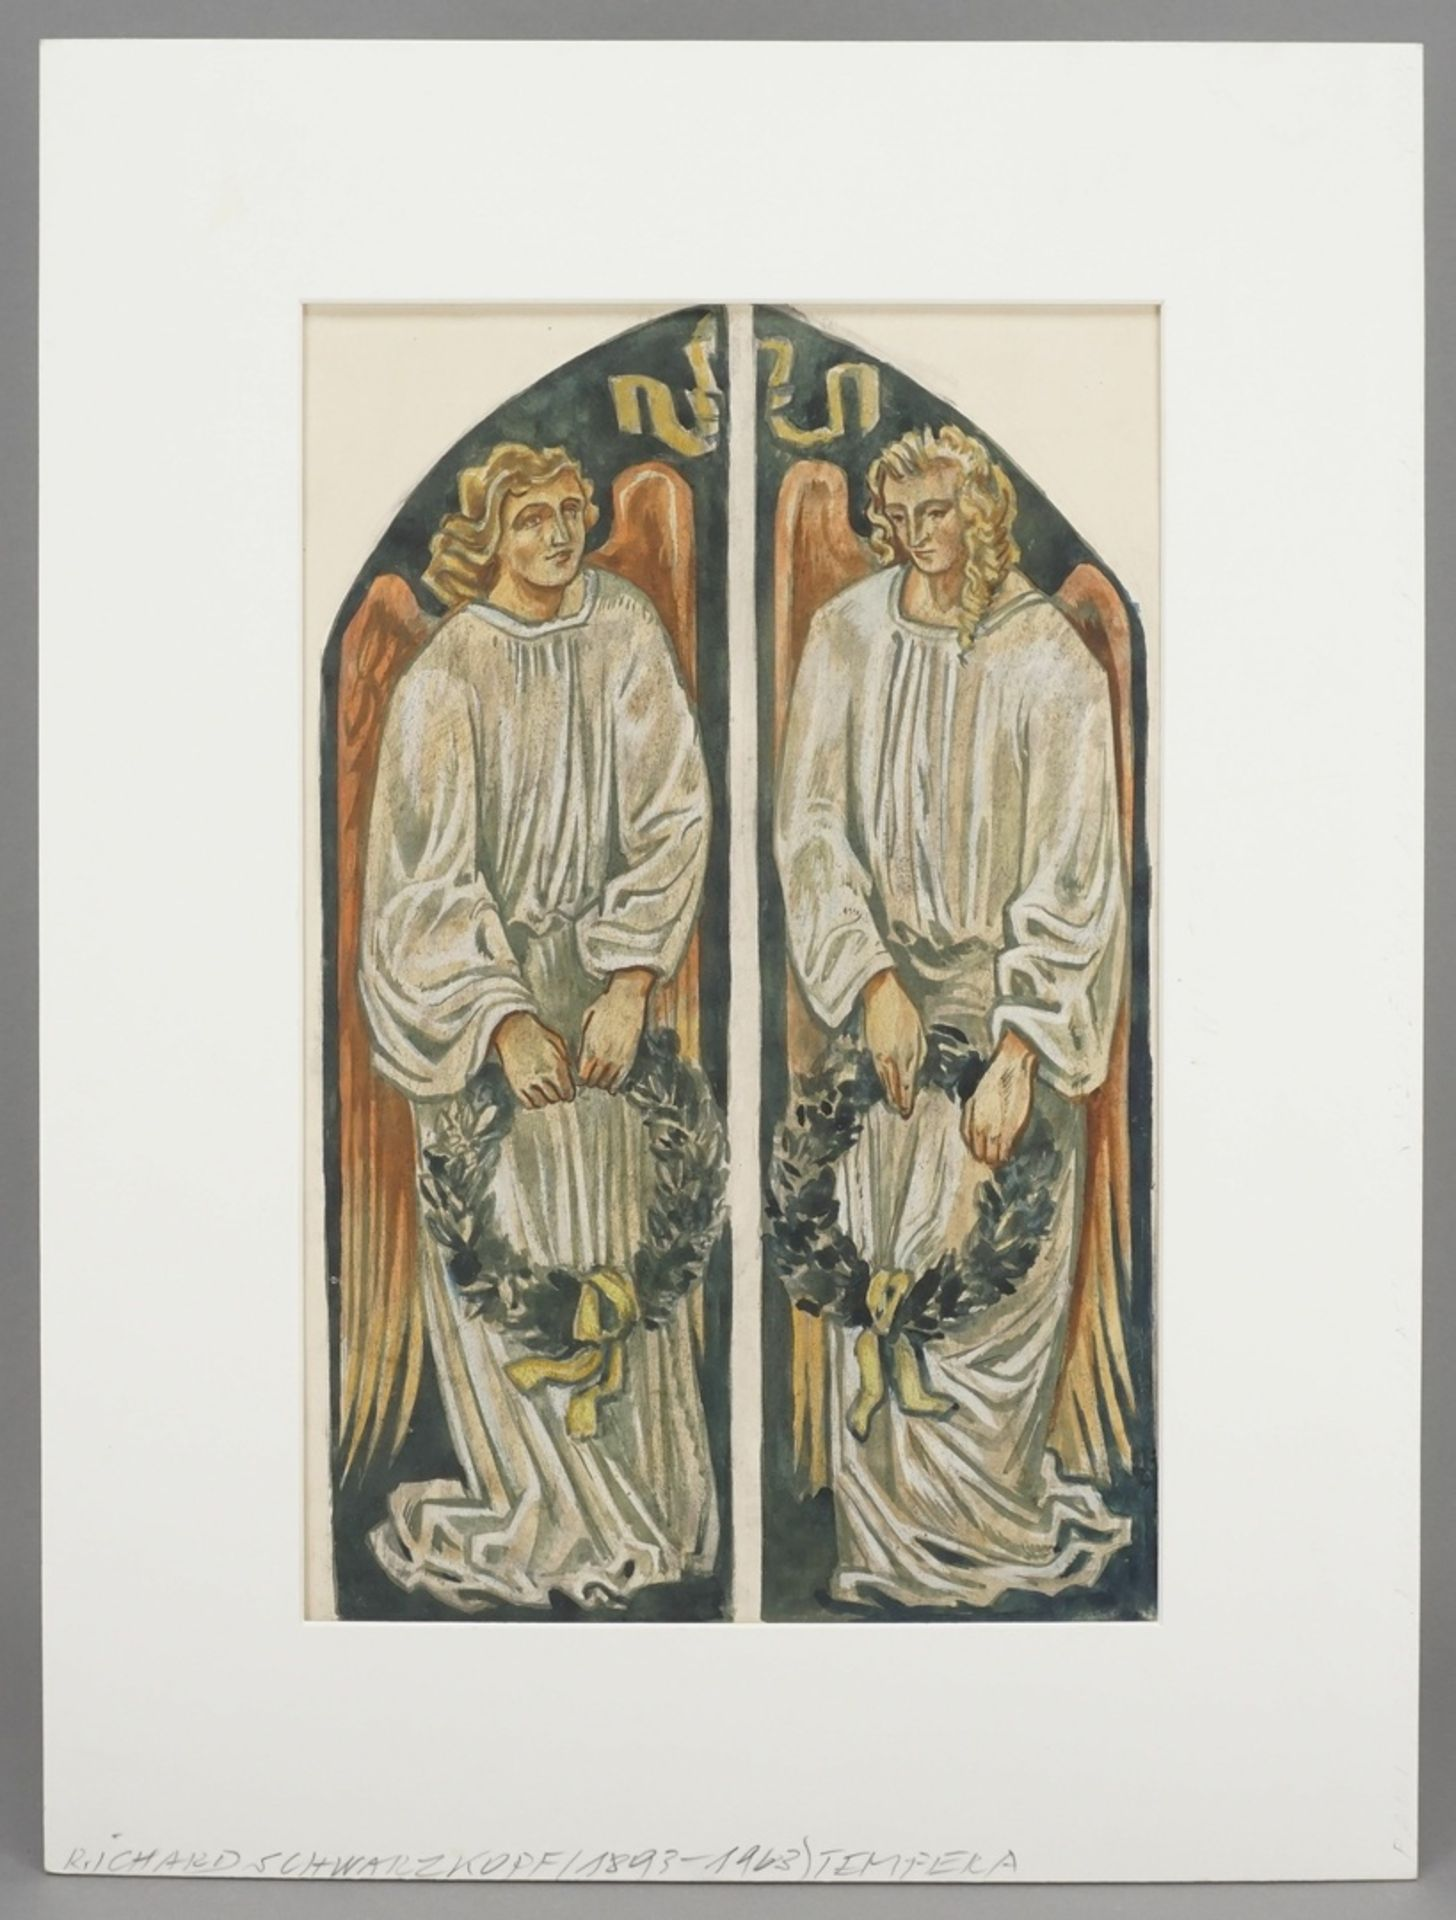 Richard Schwarzkopf, Zwei Engel mit Lorbeerkränzen - Bild 2 aus 4